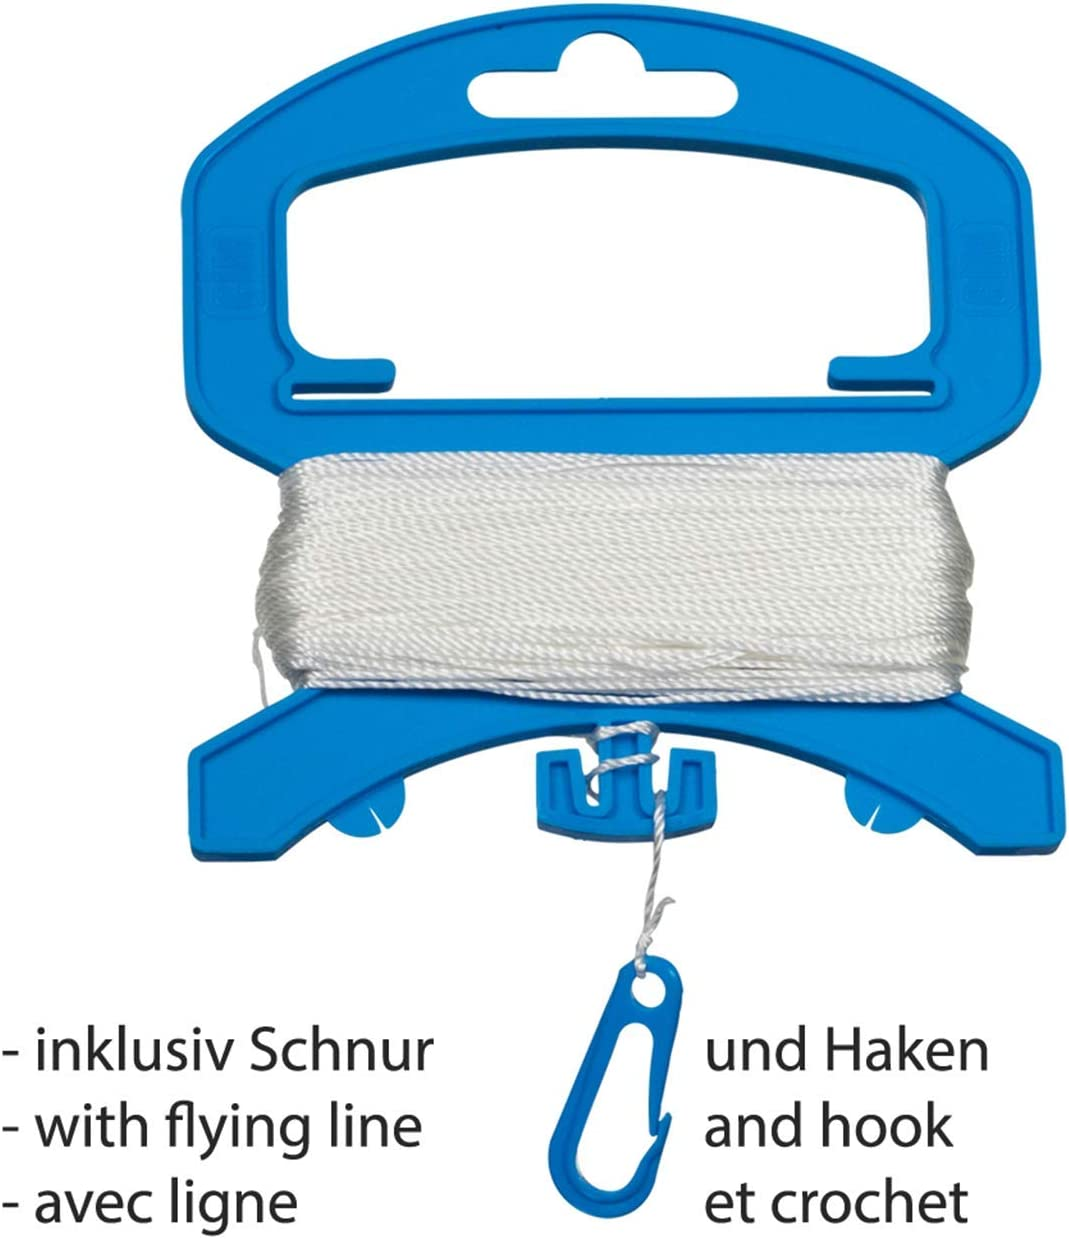 Basteldrachen Bastel-Drachen Abmessung: 65x72cm Komplettset zum selber basteln Creativ Drachen CIM Drachen Bausatz inkl.extra Langer Drachenschnur auf Handgriff und Streifenschw/änze